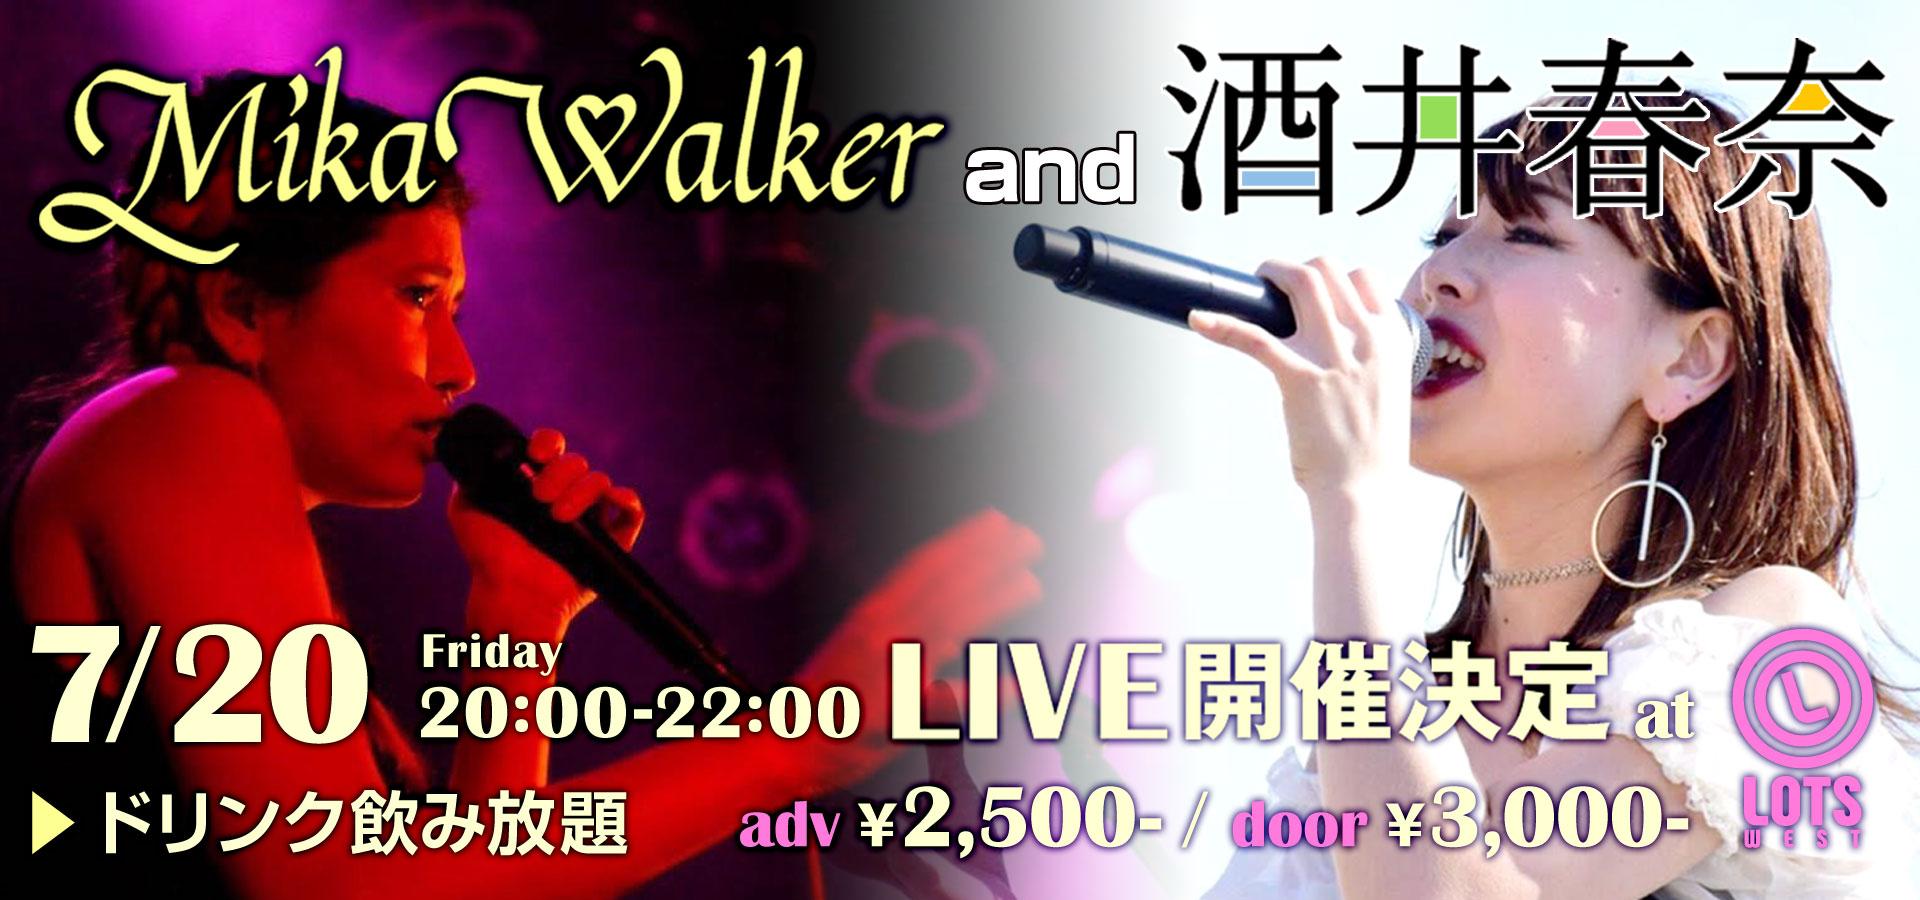 Mikawalker 酒井春奈LIVE